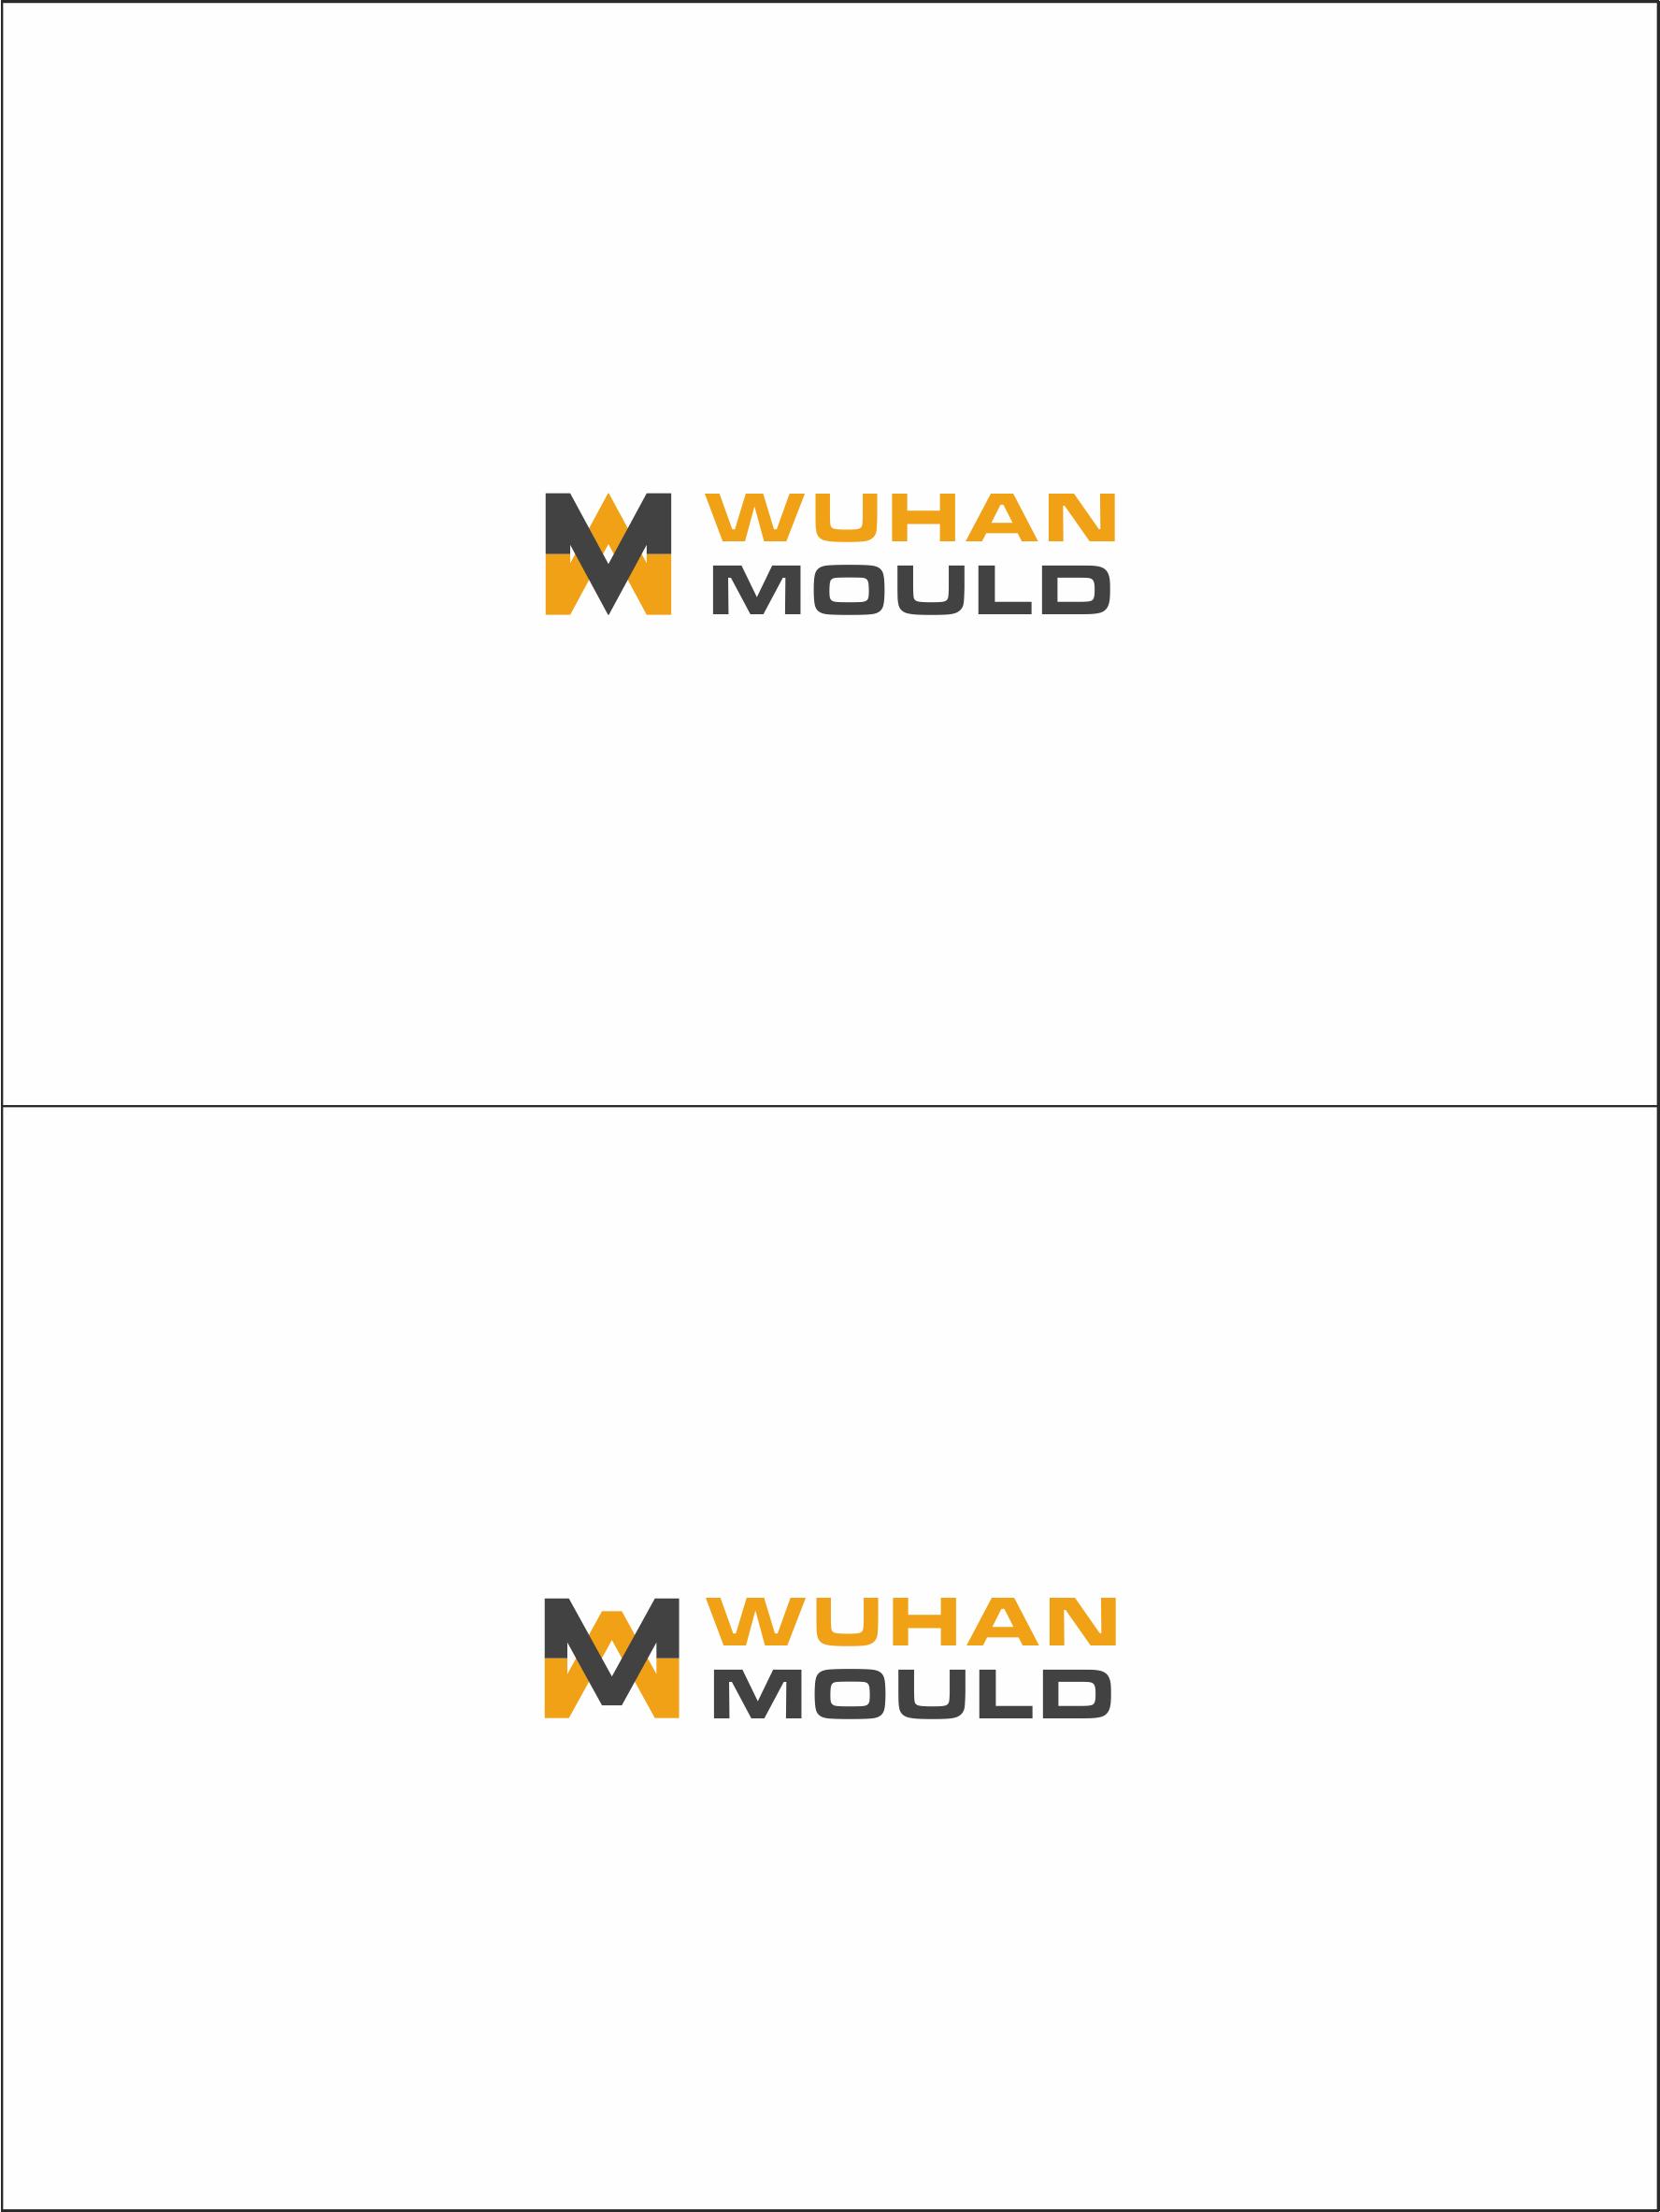 Создать логотип для фабрики пресс-форм фото f_028598a842ea7183.png